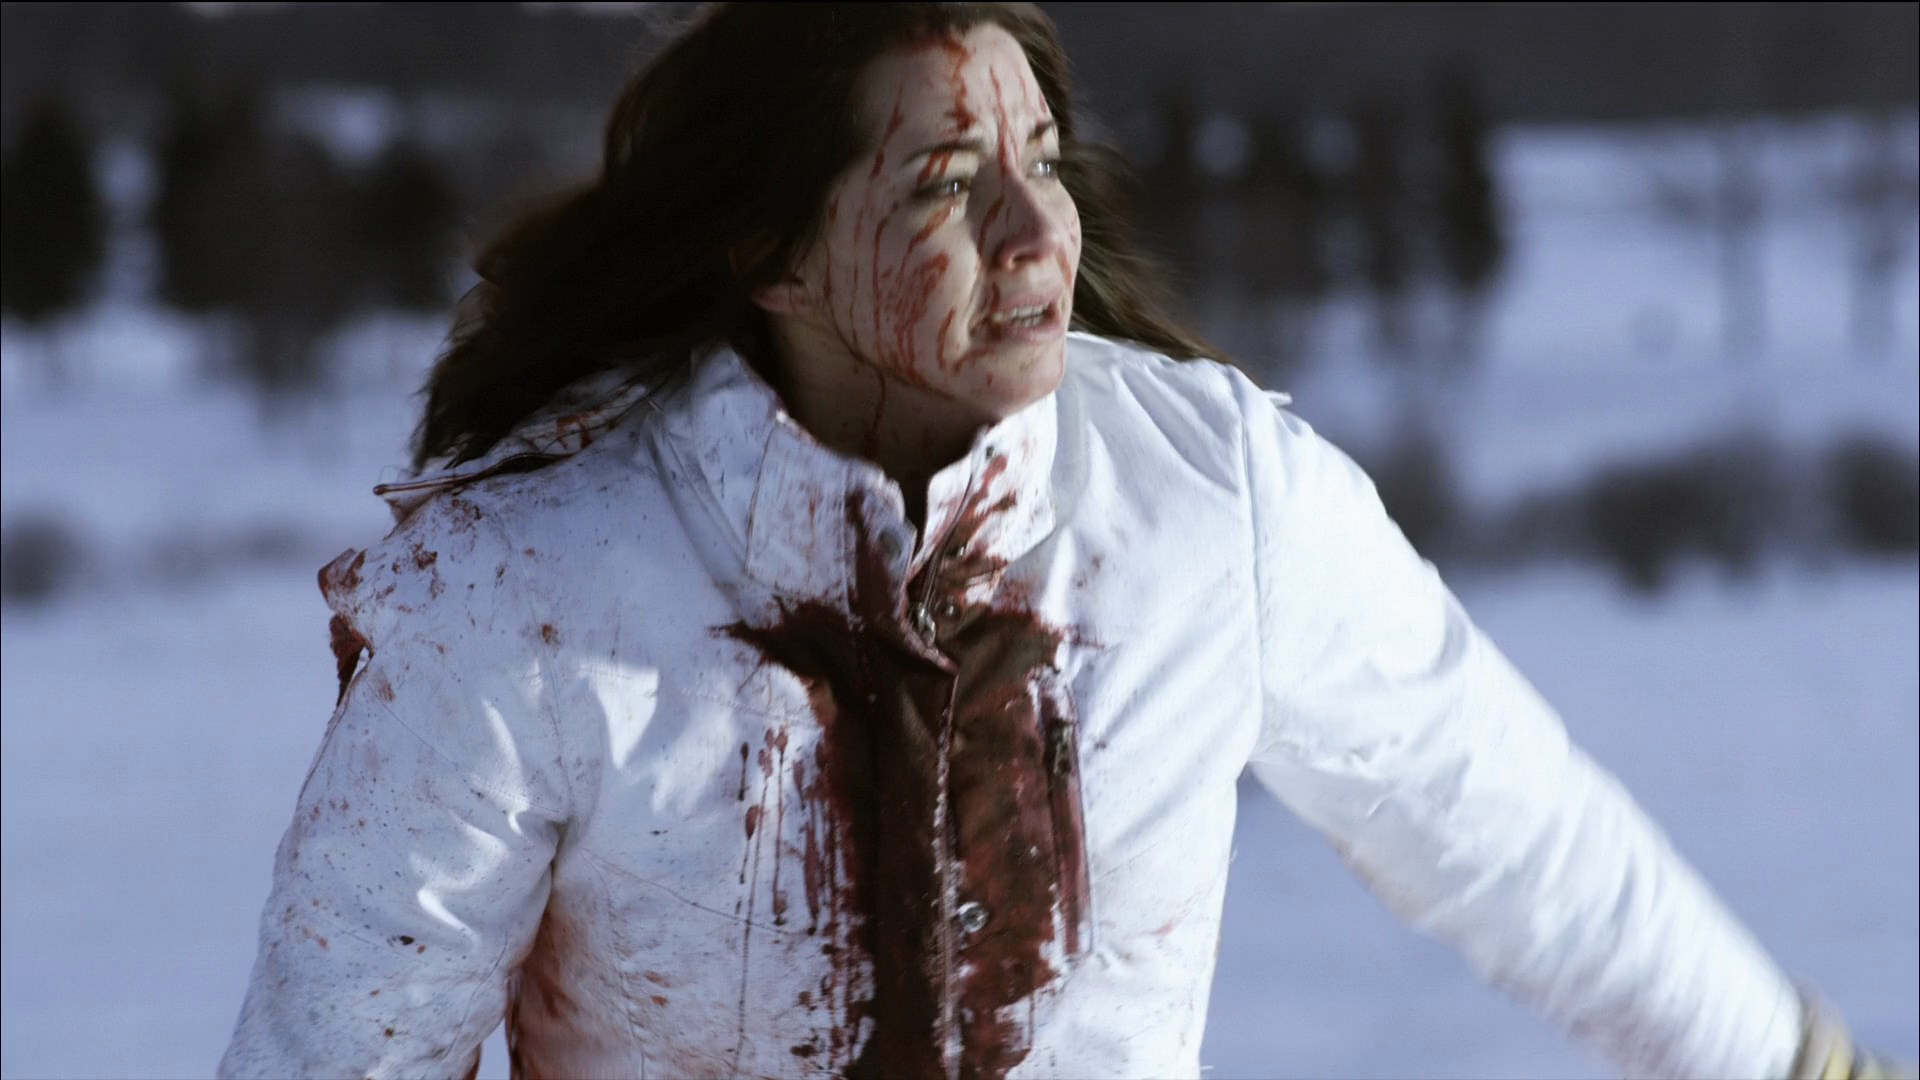 Camino Hacia El Terror 4: Inicio Sangriento (2011) Unrated 1080p BRRip Latino